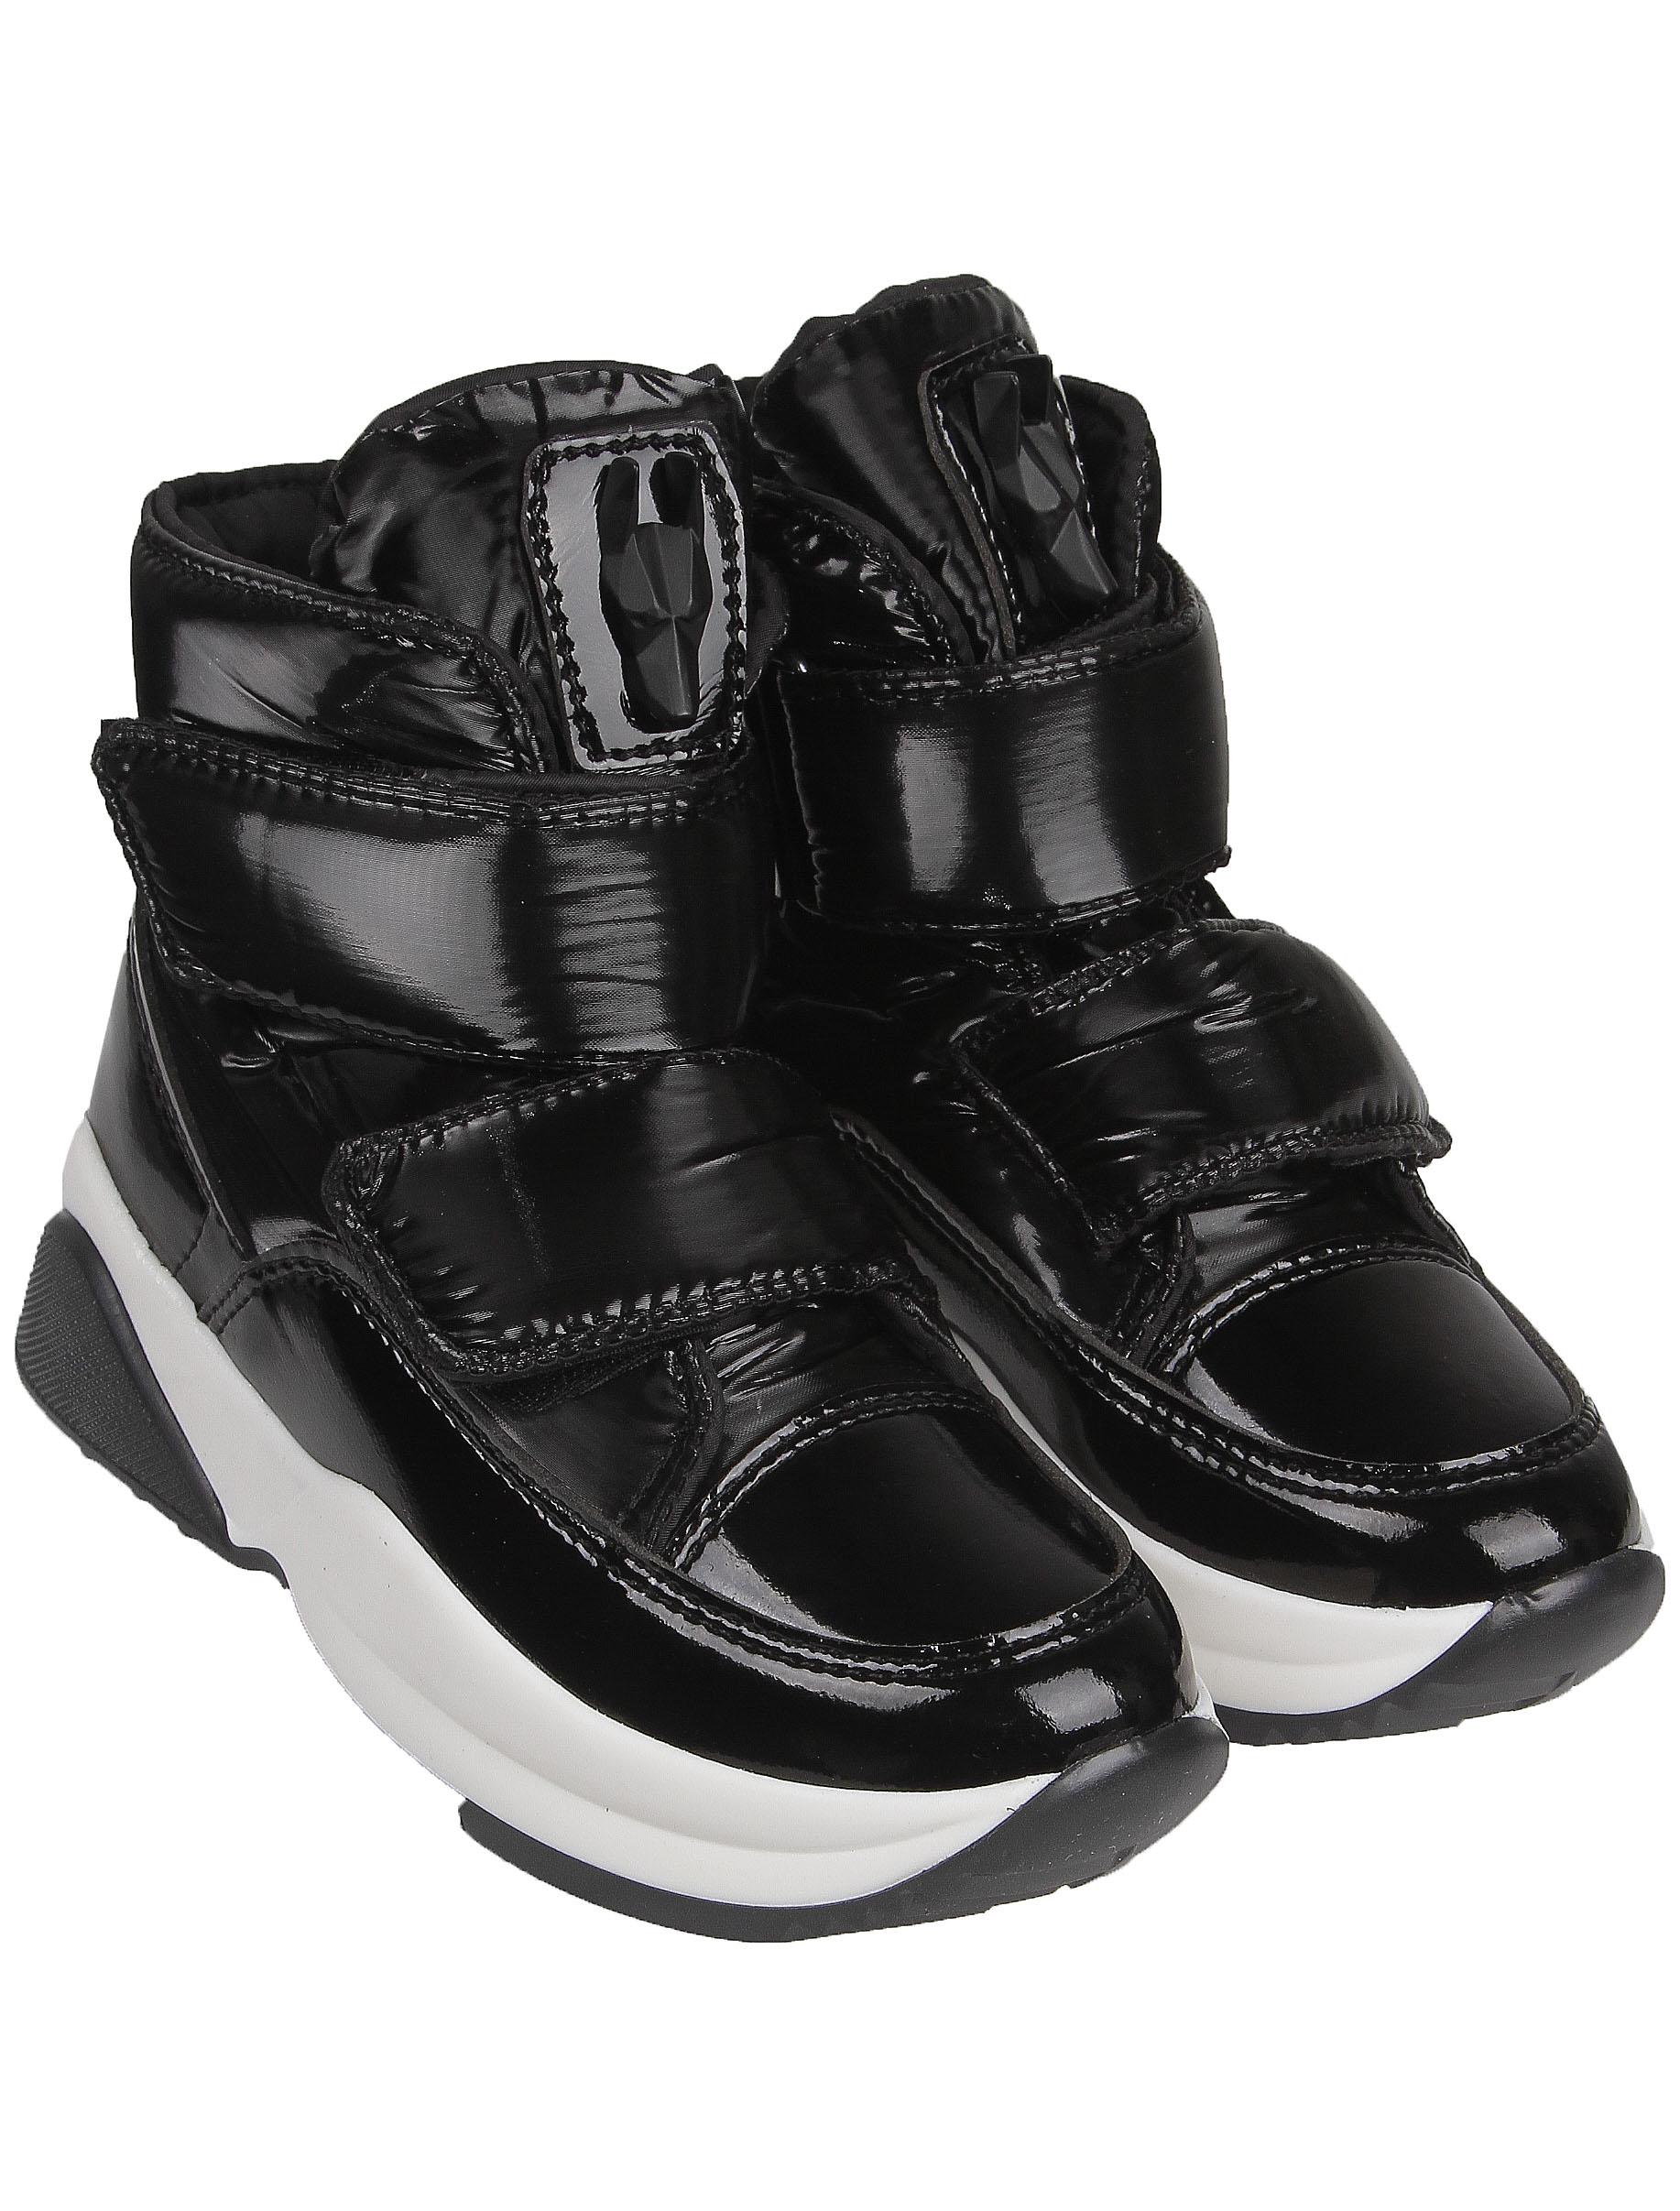 Ботинки Jog Dog черного цвета